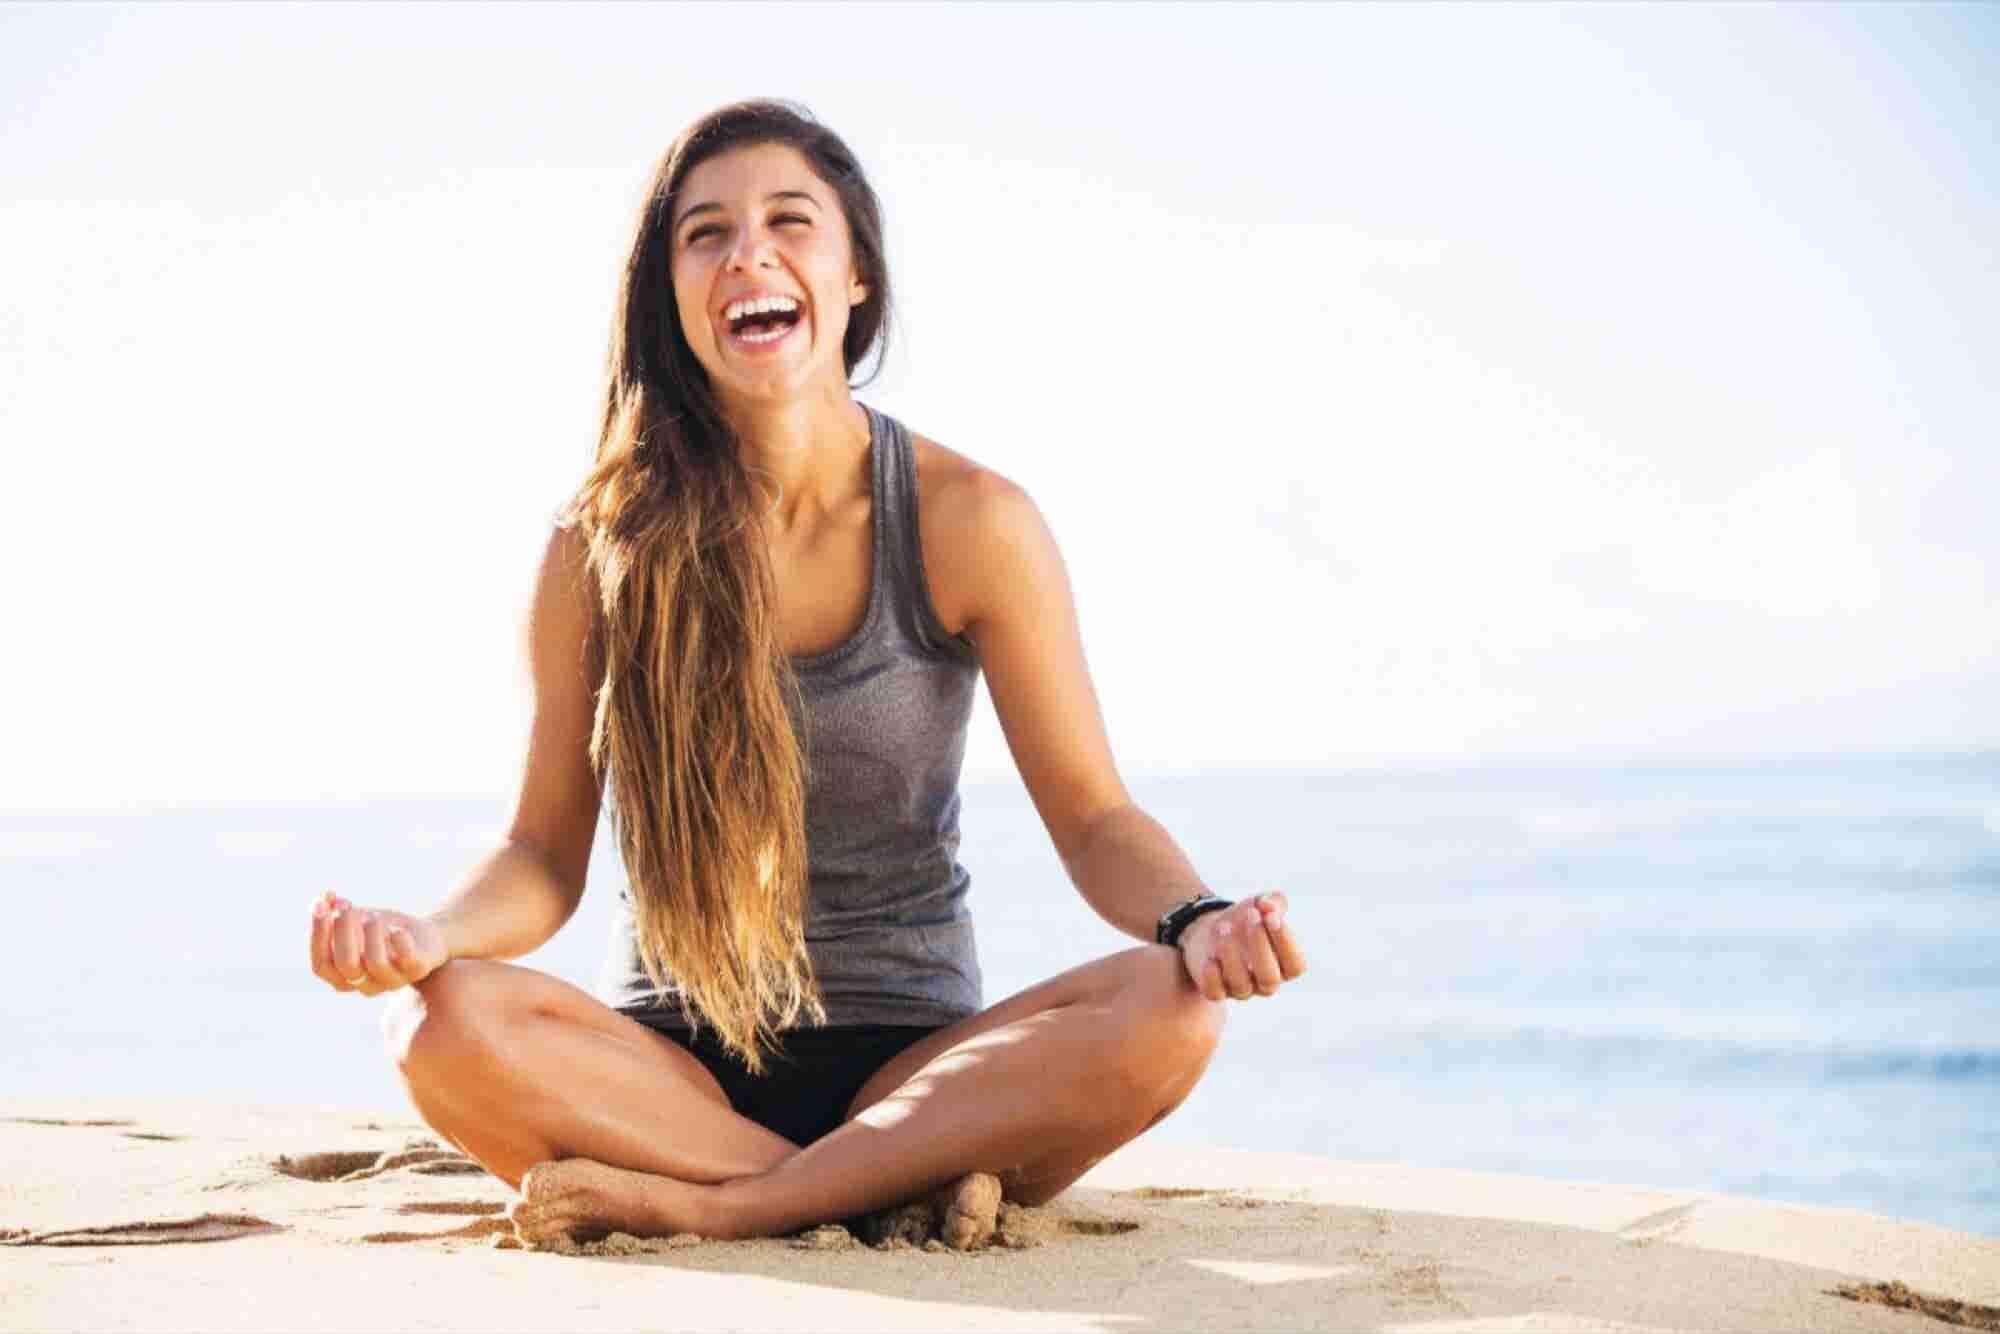 Vuélvete más positivo con estos 5 pasos